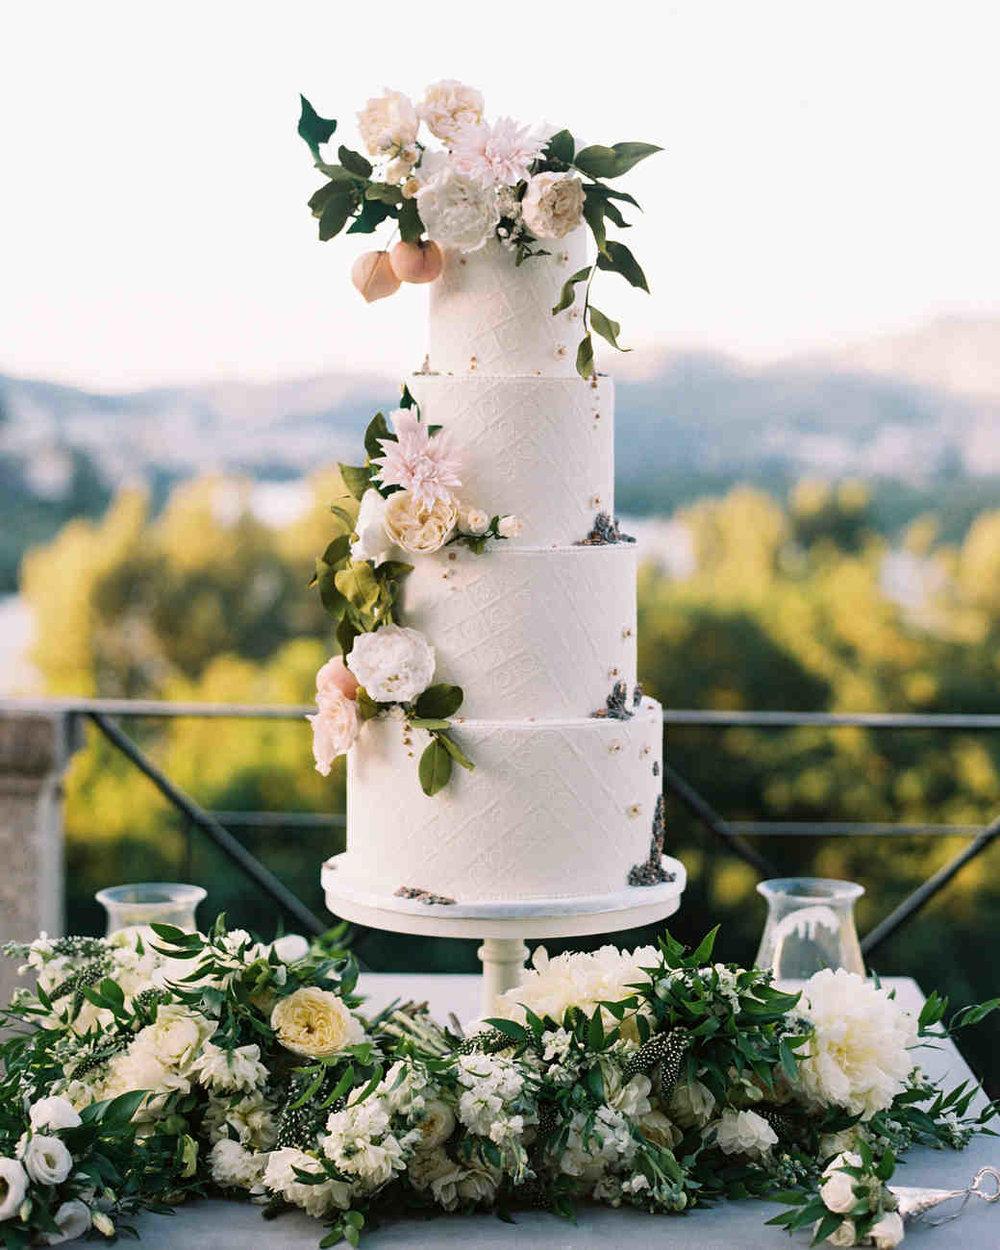 jeannette-taylor-wedding-portugal-cake-103105713_vert.jpg